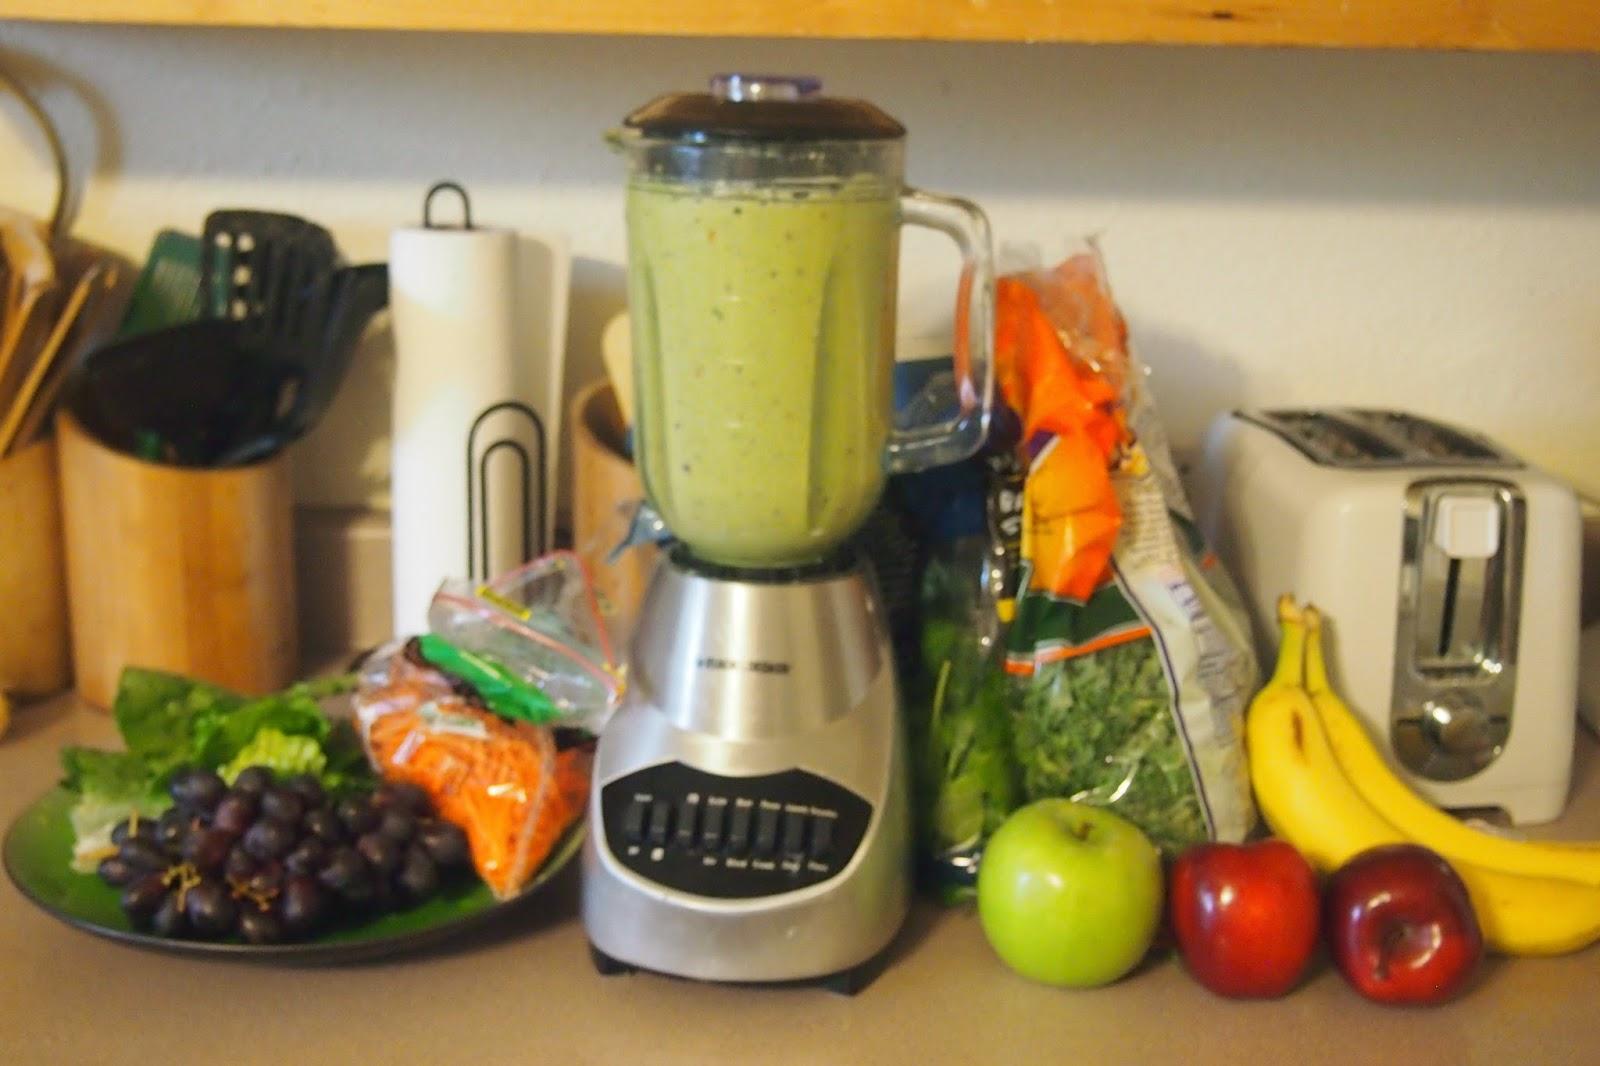 green+smoothie+recipe - Green Smoothie Recipe & Video Tutorial